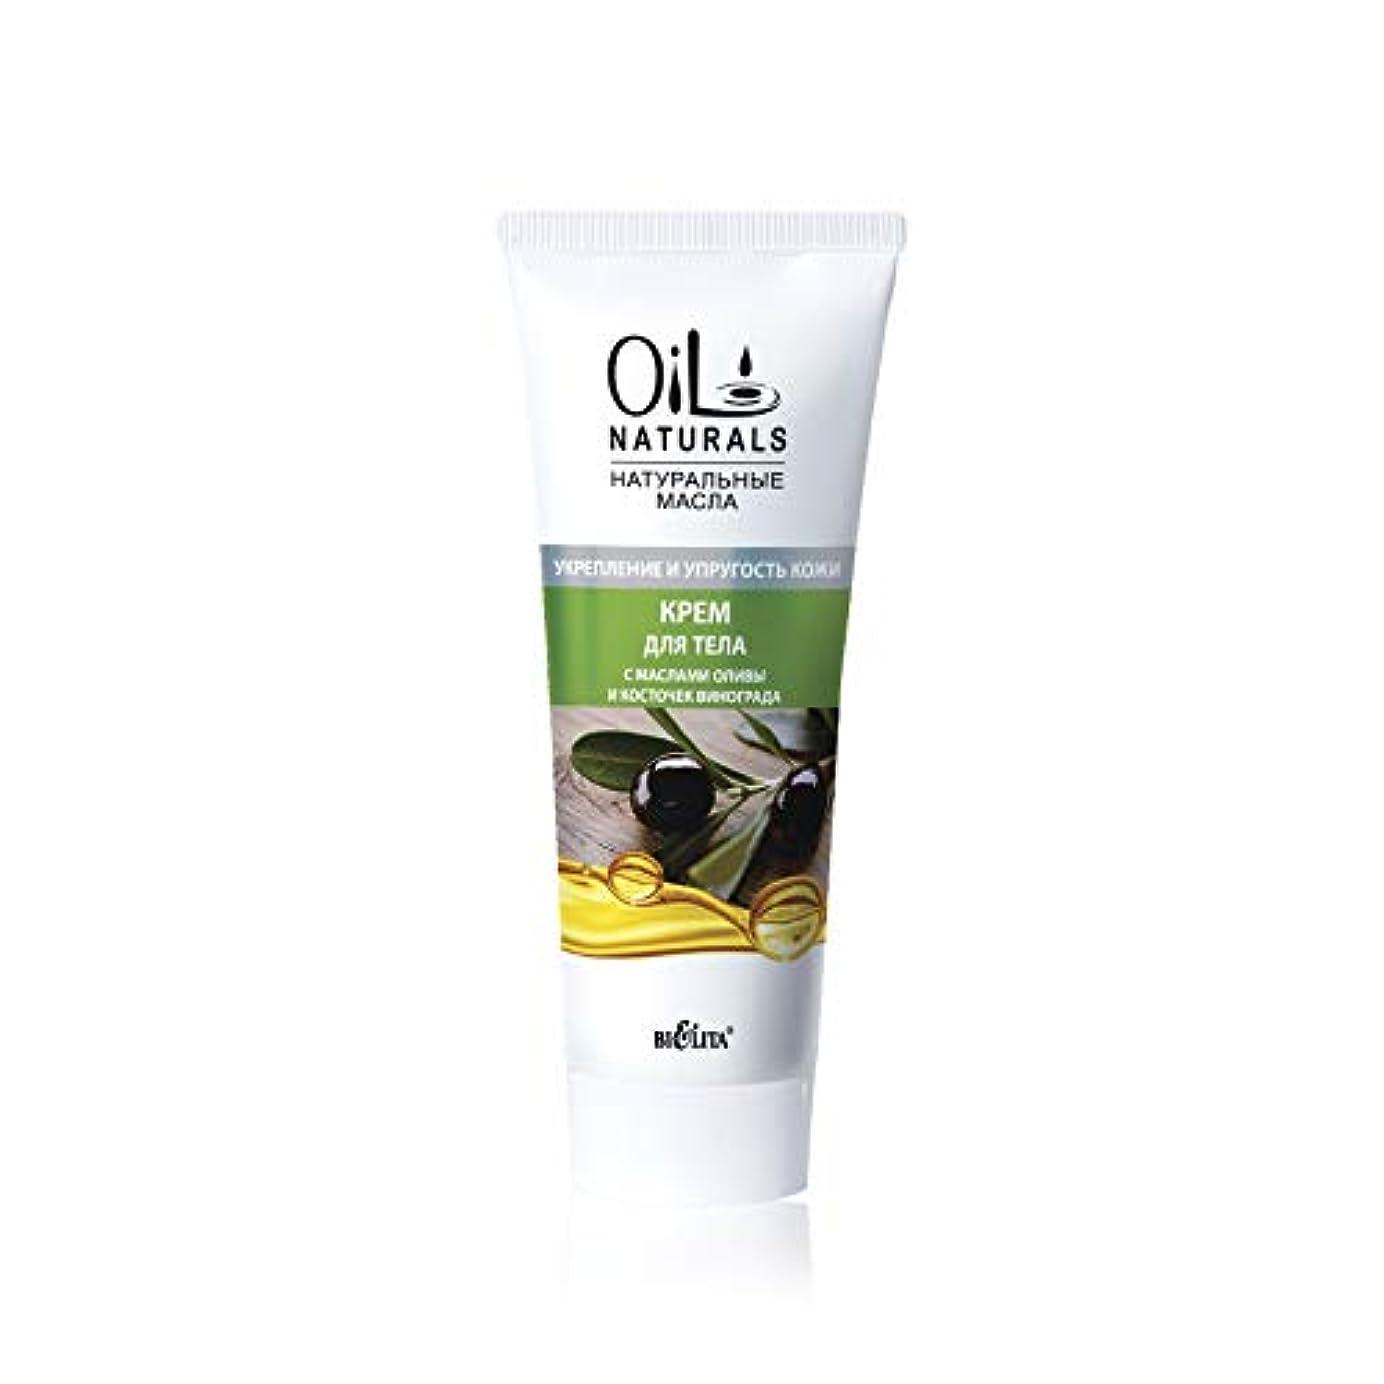 批判的にスコットランド人肖像画Bielita & Vitex | Oil Naturals Line | Skin Firming & Moisturizing Body Cream, 200 ml | Olive Oil, Silk Proteins...